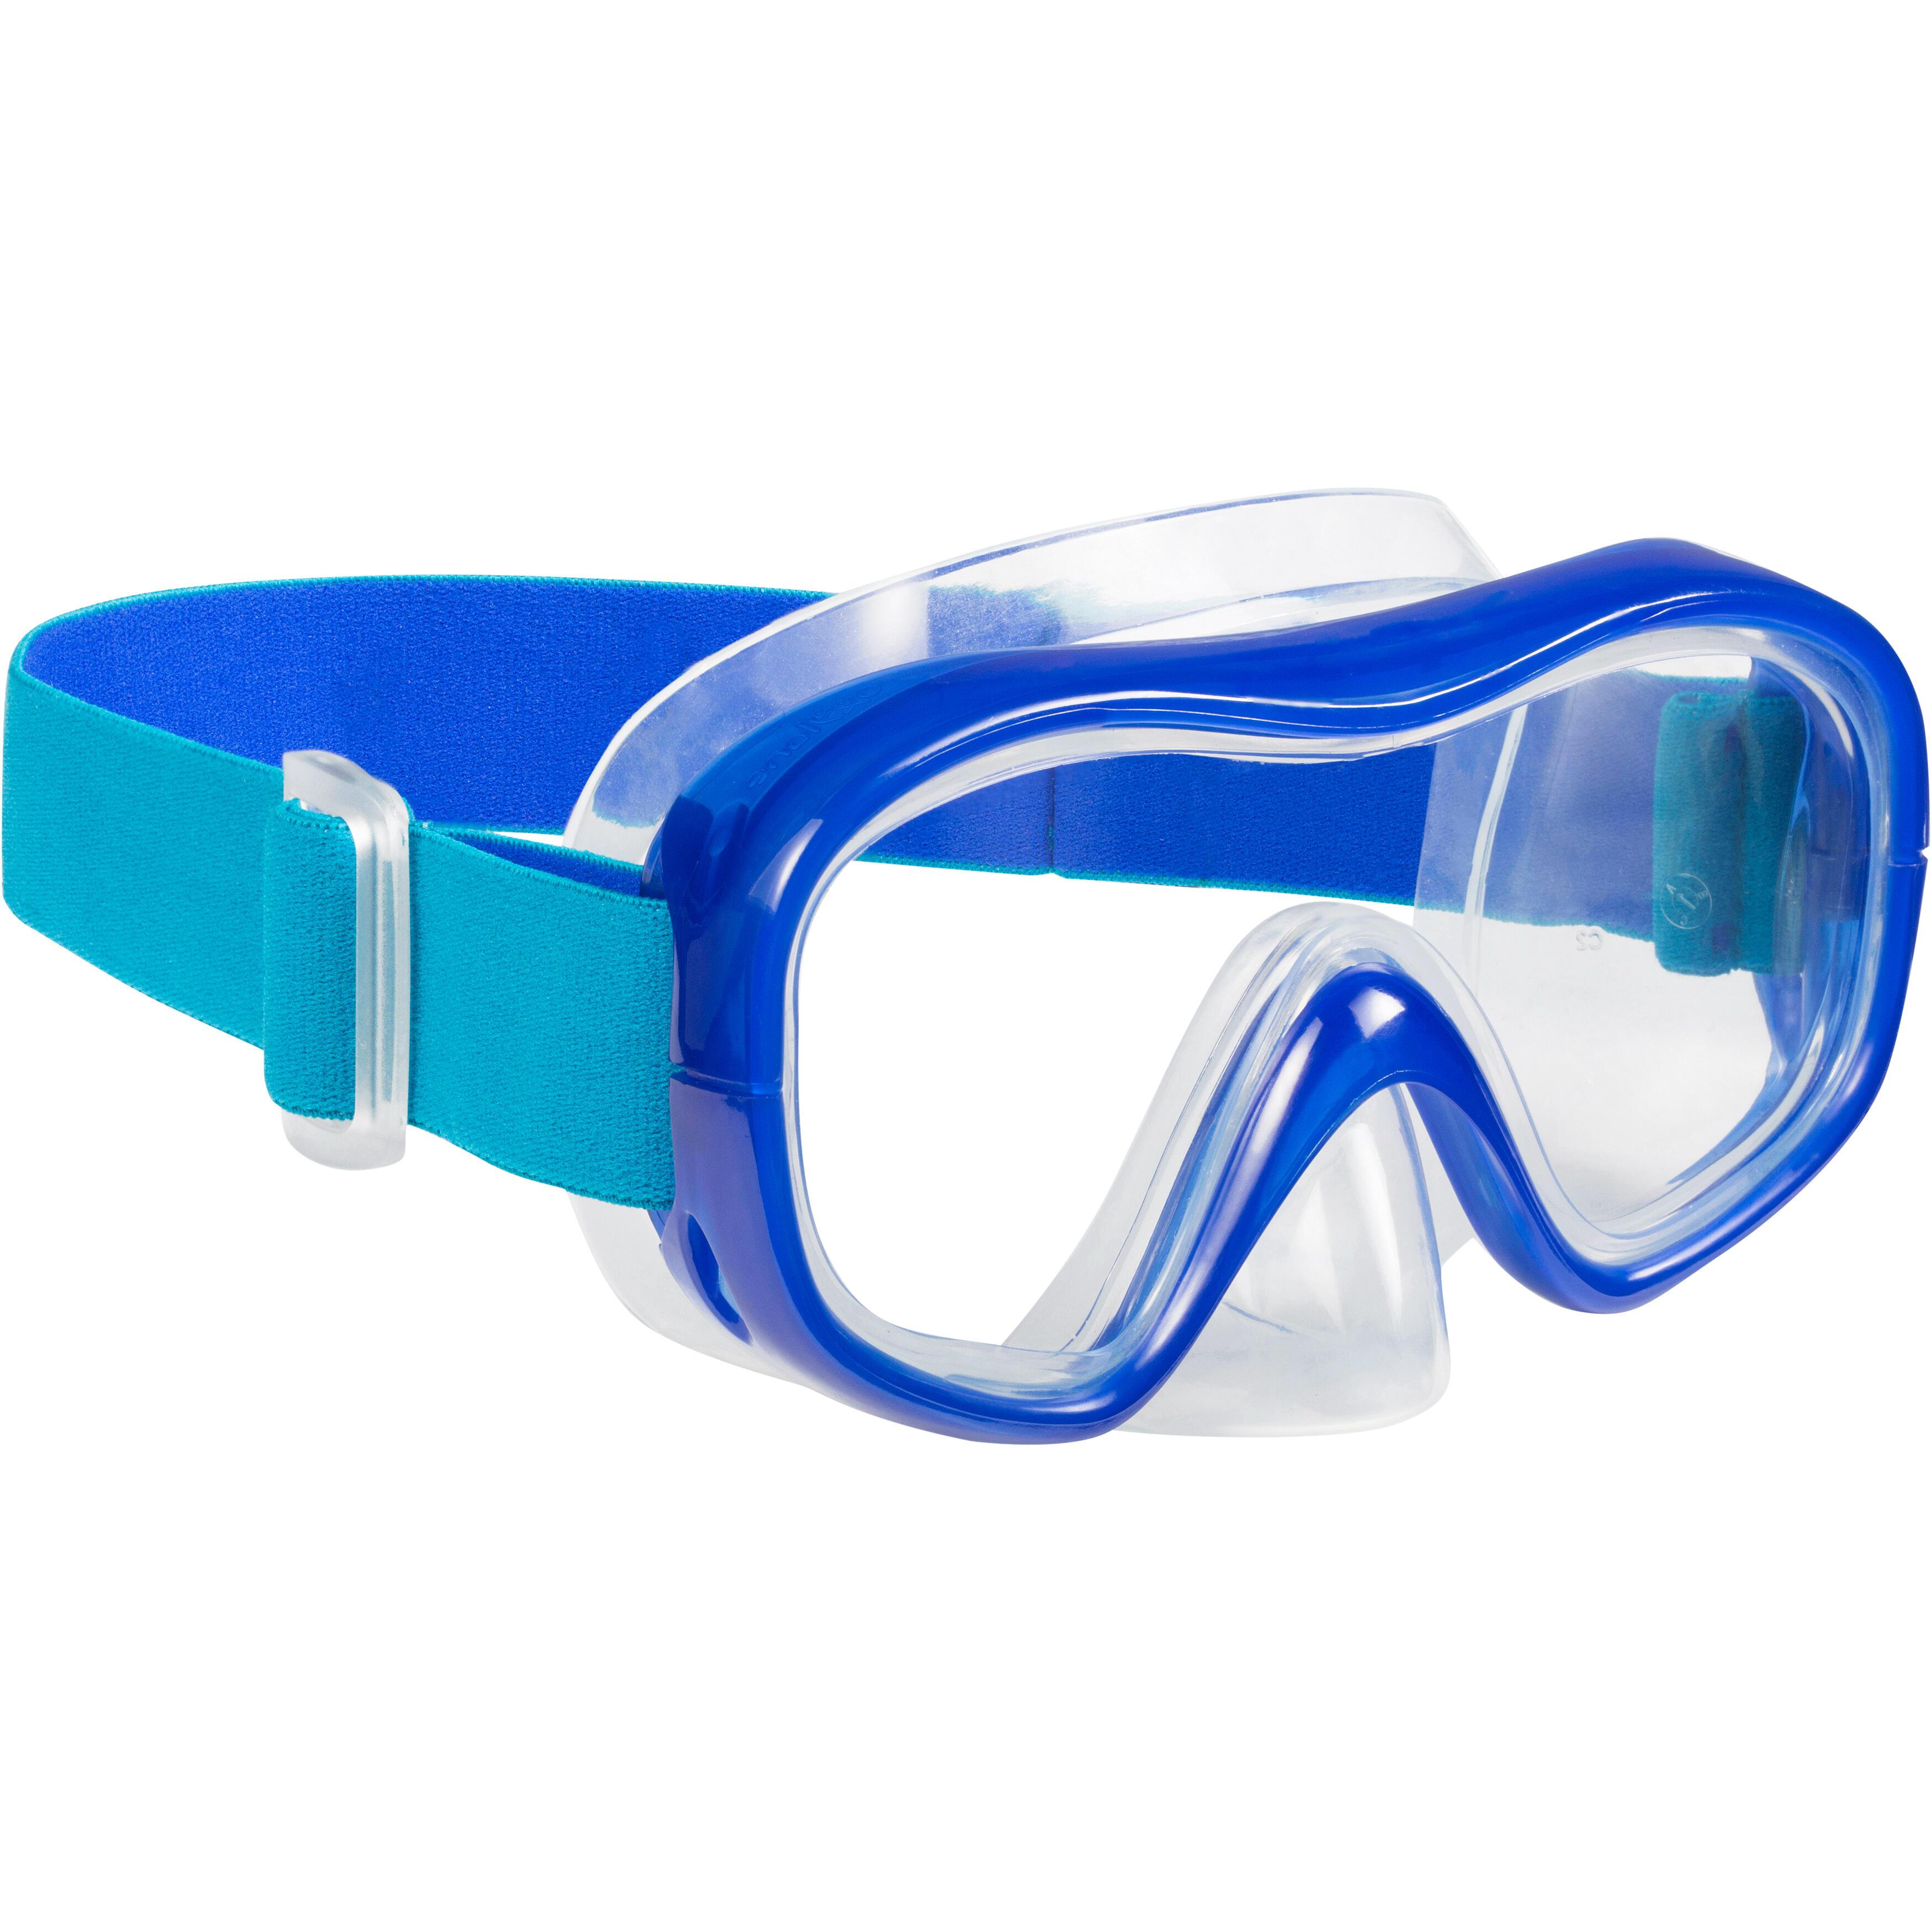 Masque de plongée libre SNK 520 bleu